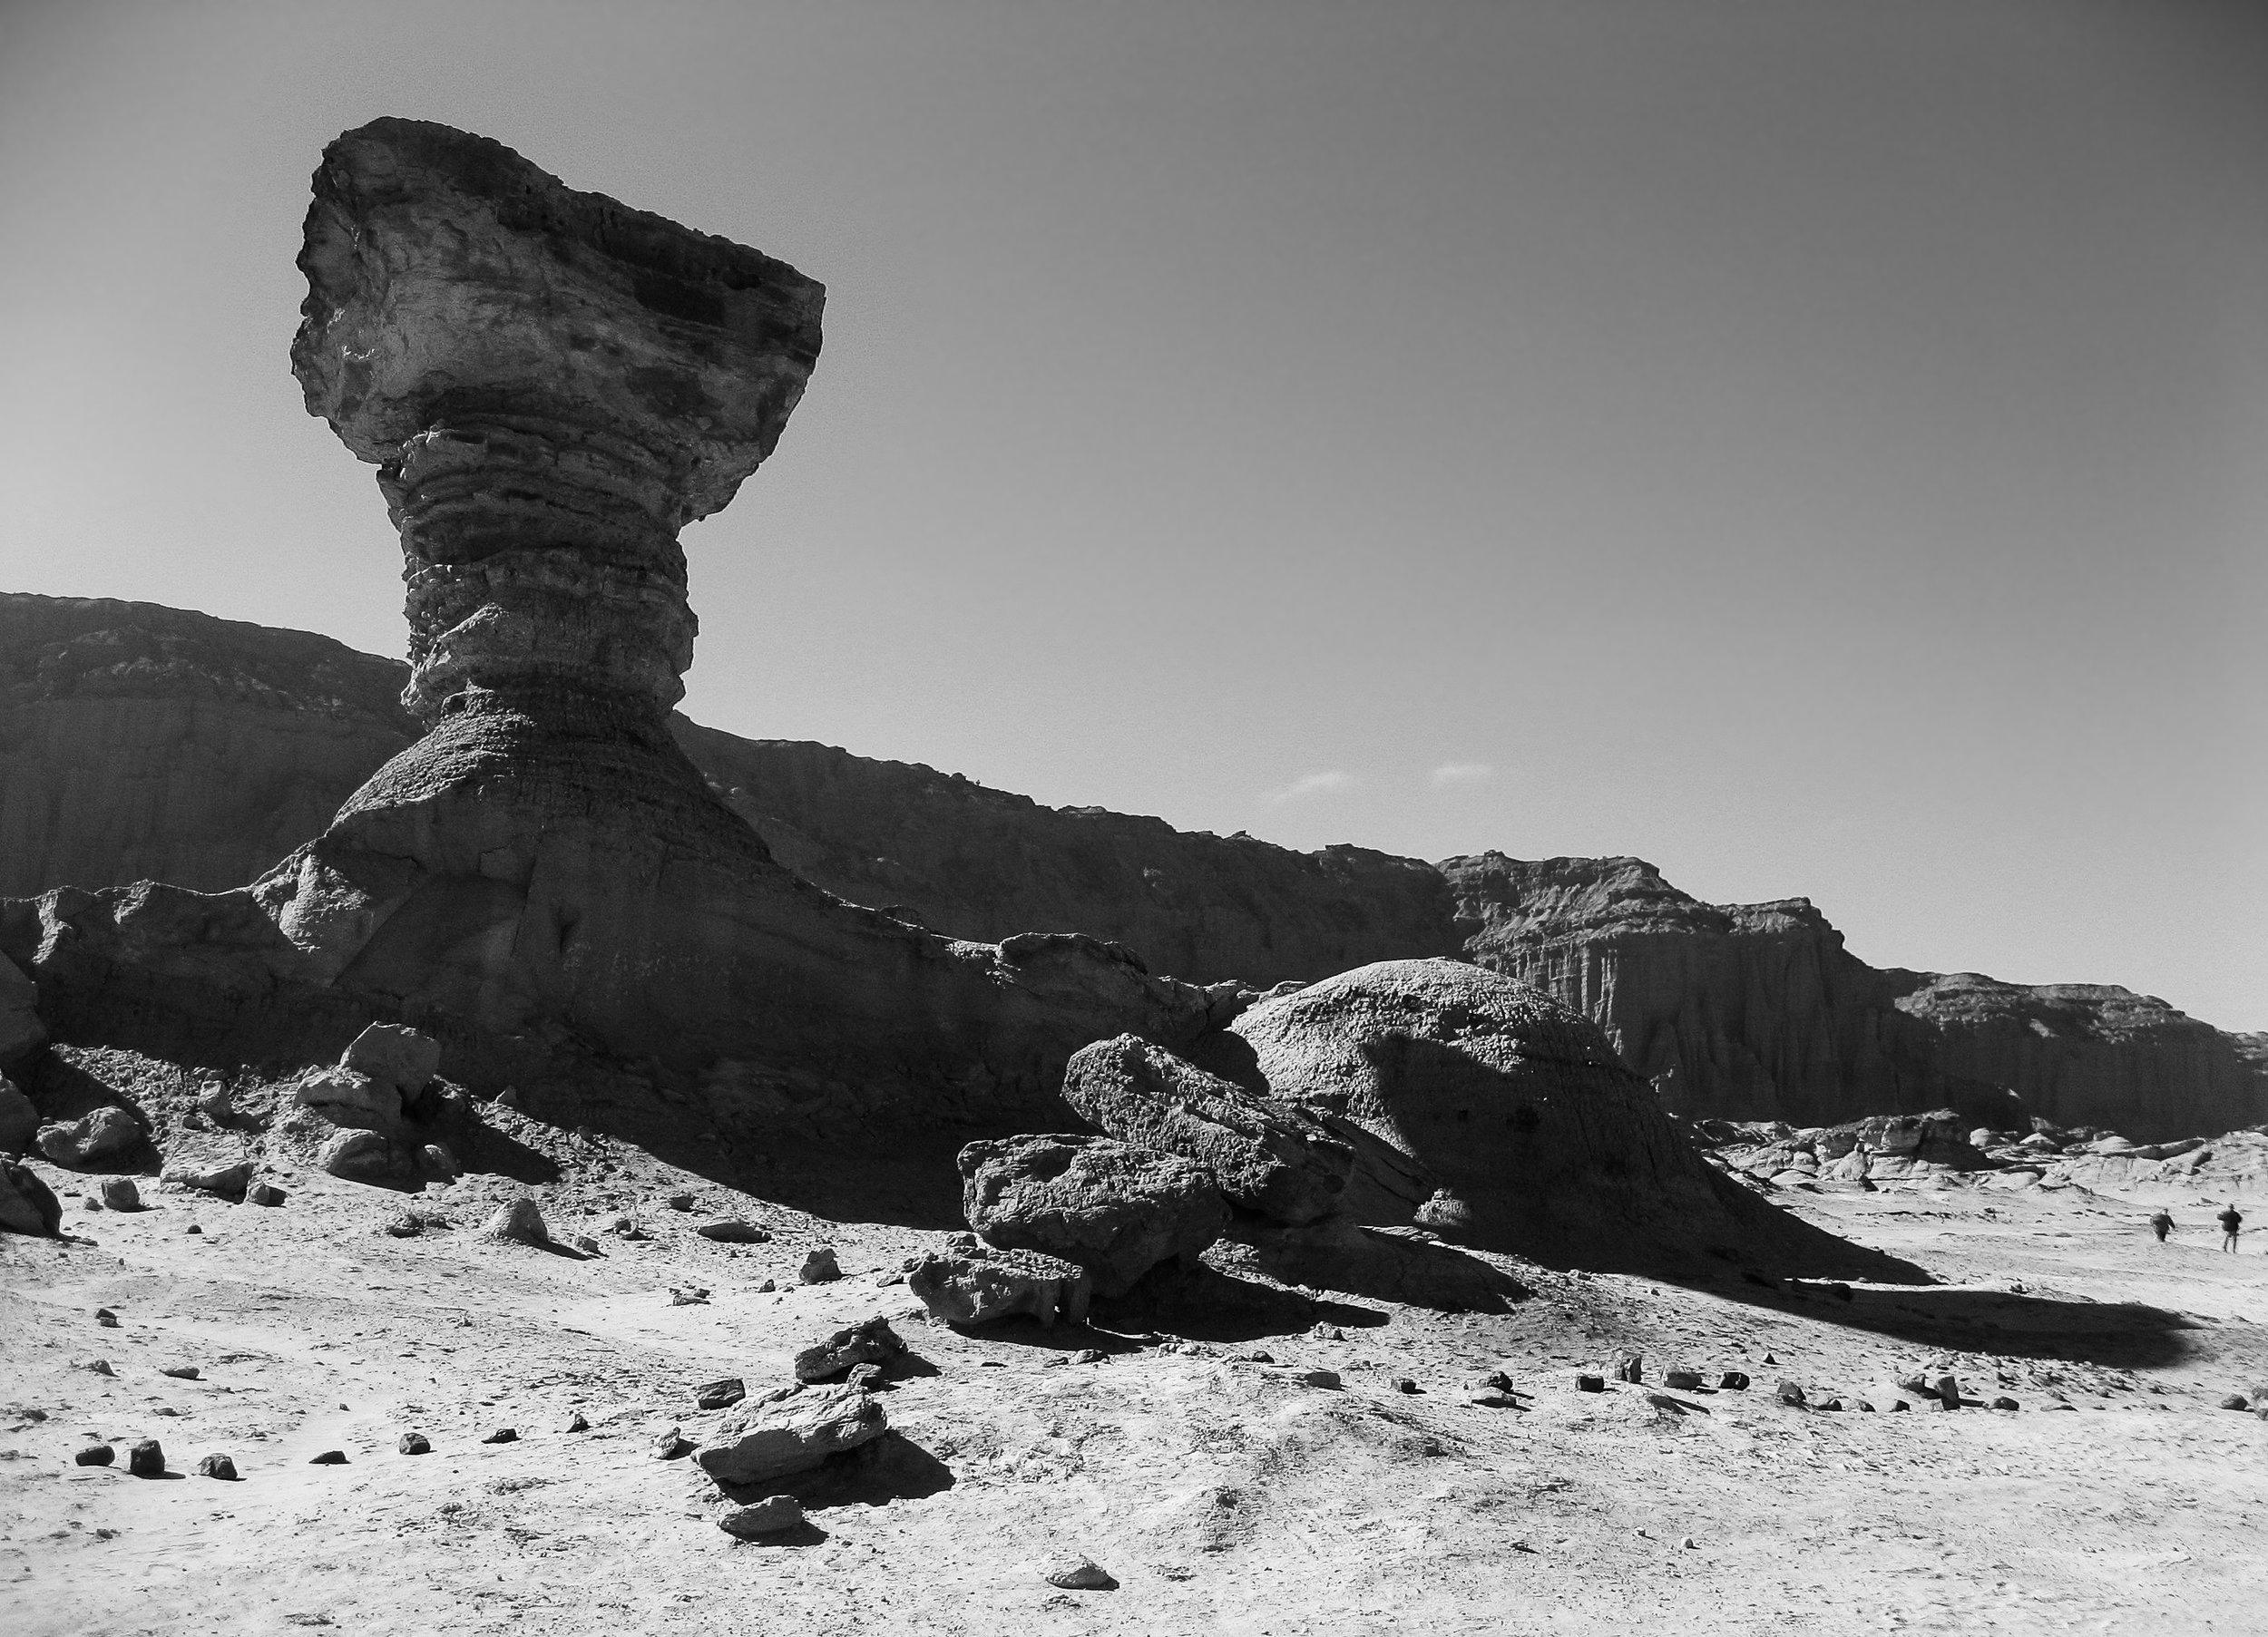 san-juan_parque-provincial-ischigualasto-0352-_mushroom-rockformation-hardlight.jpg